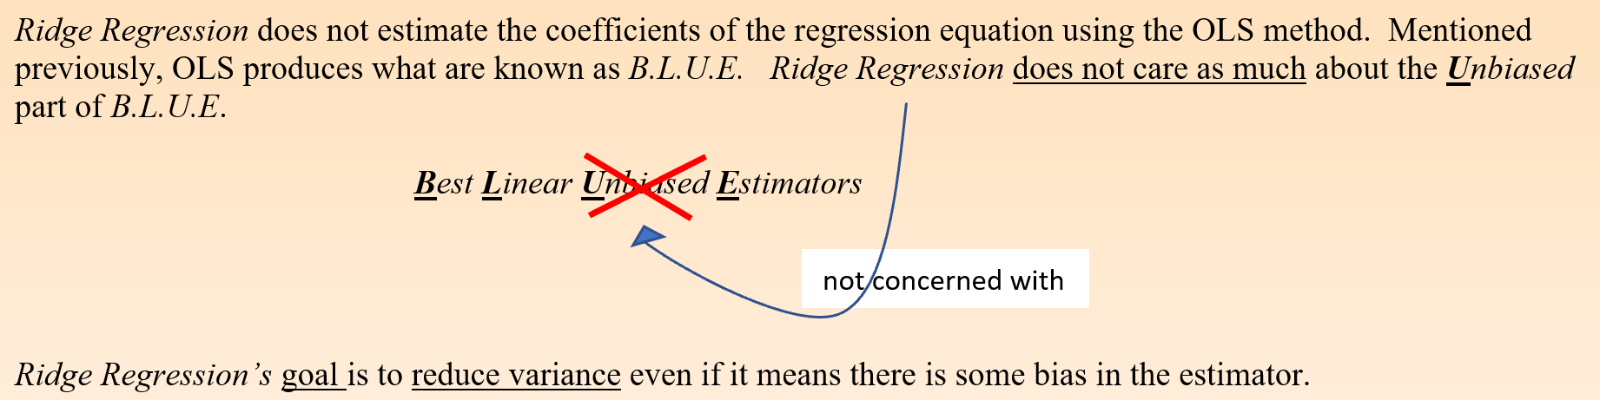 Ridges concern